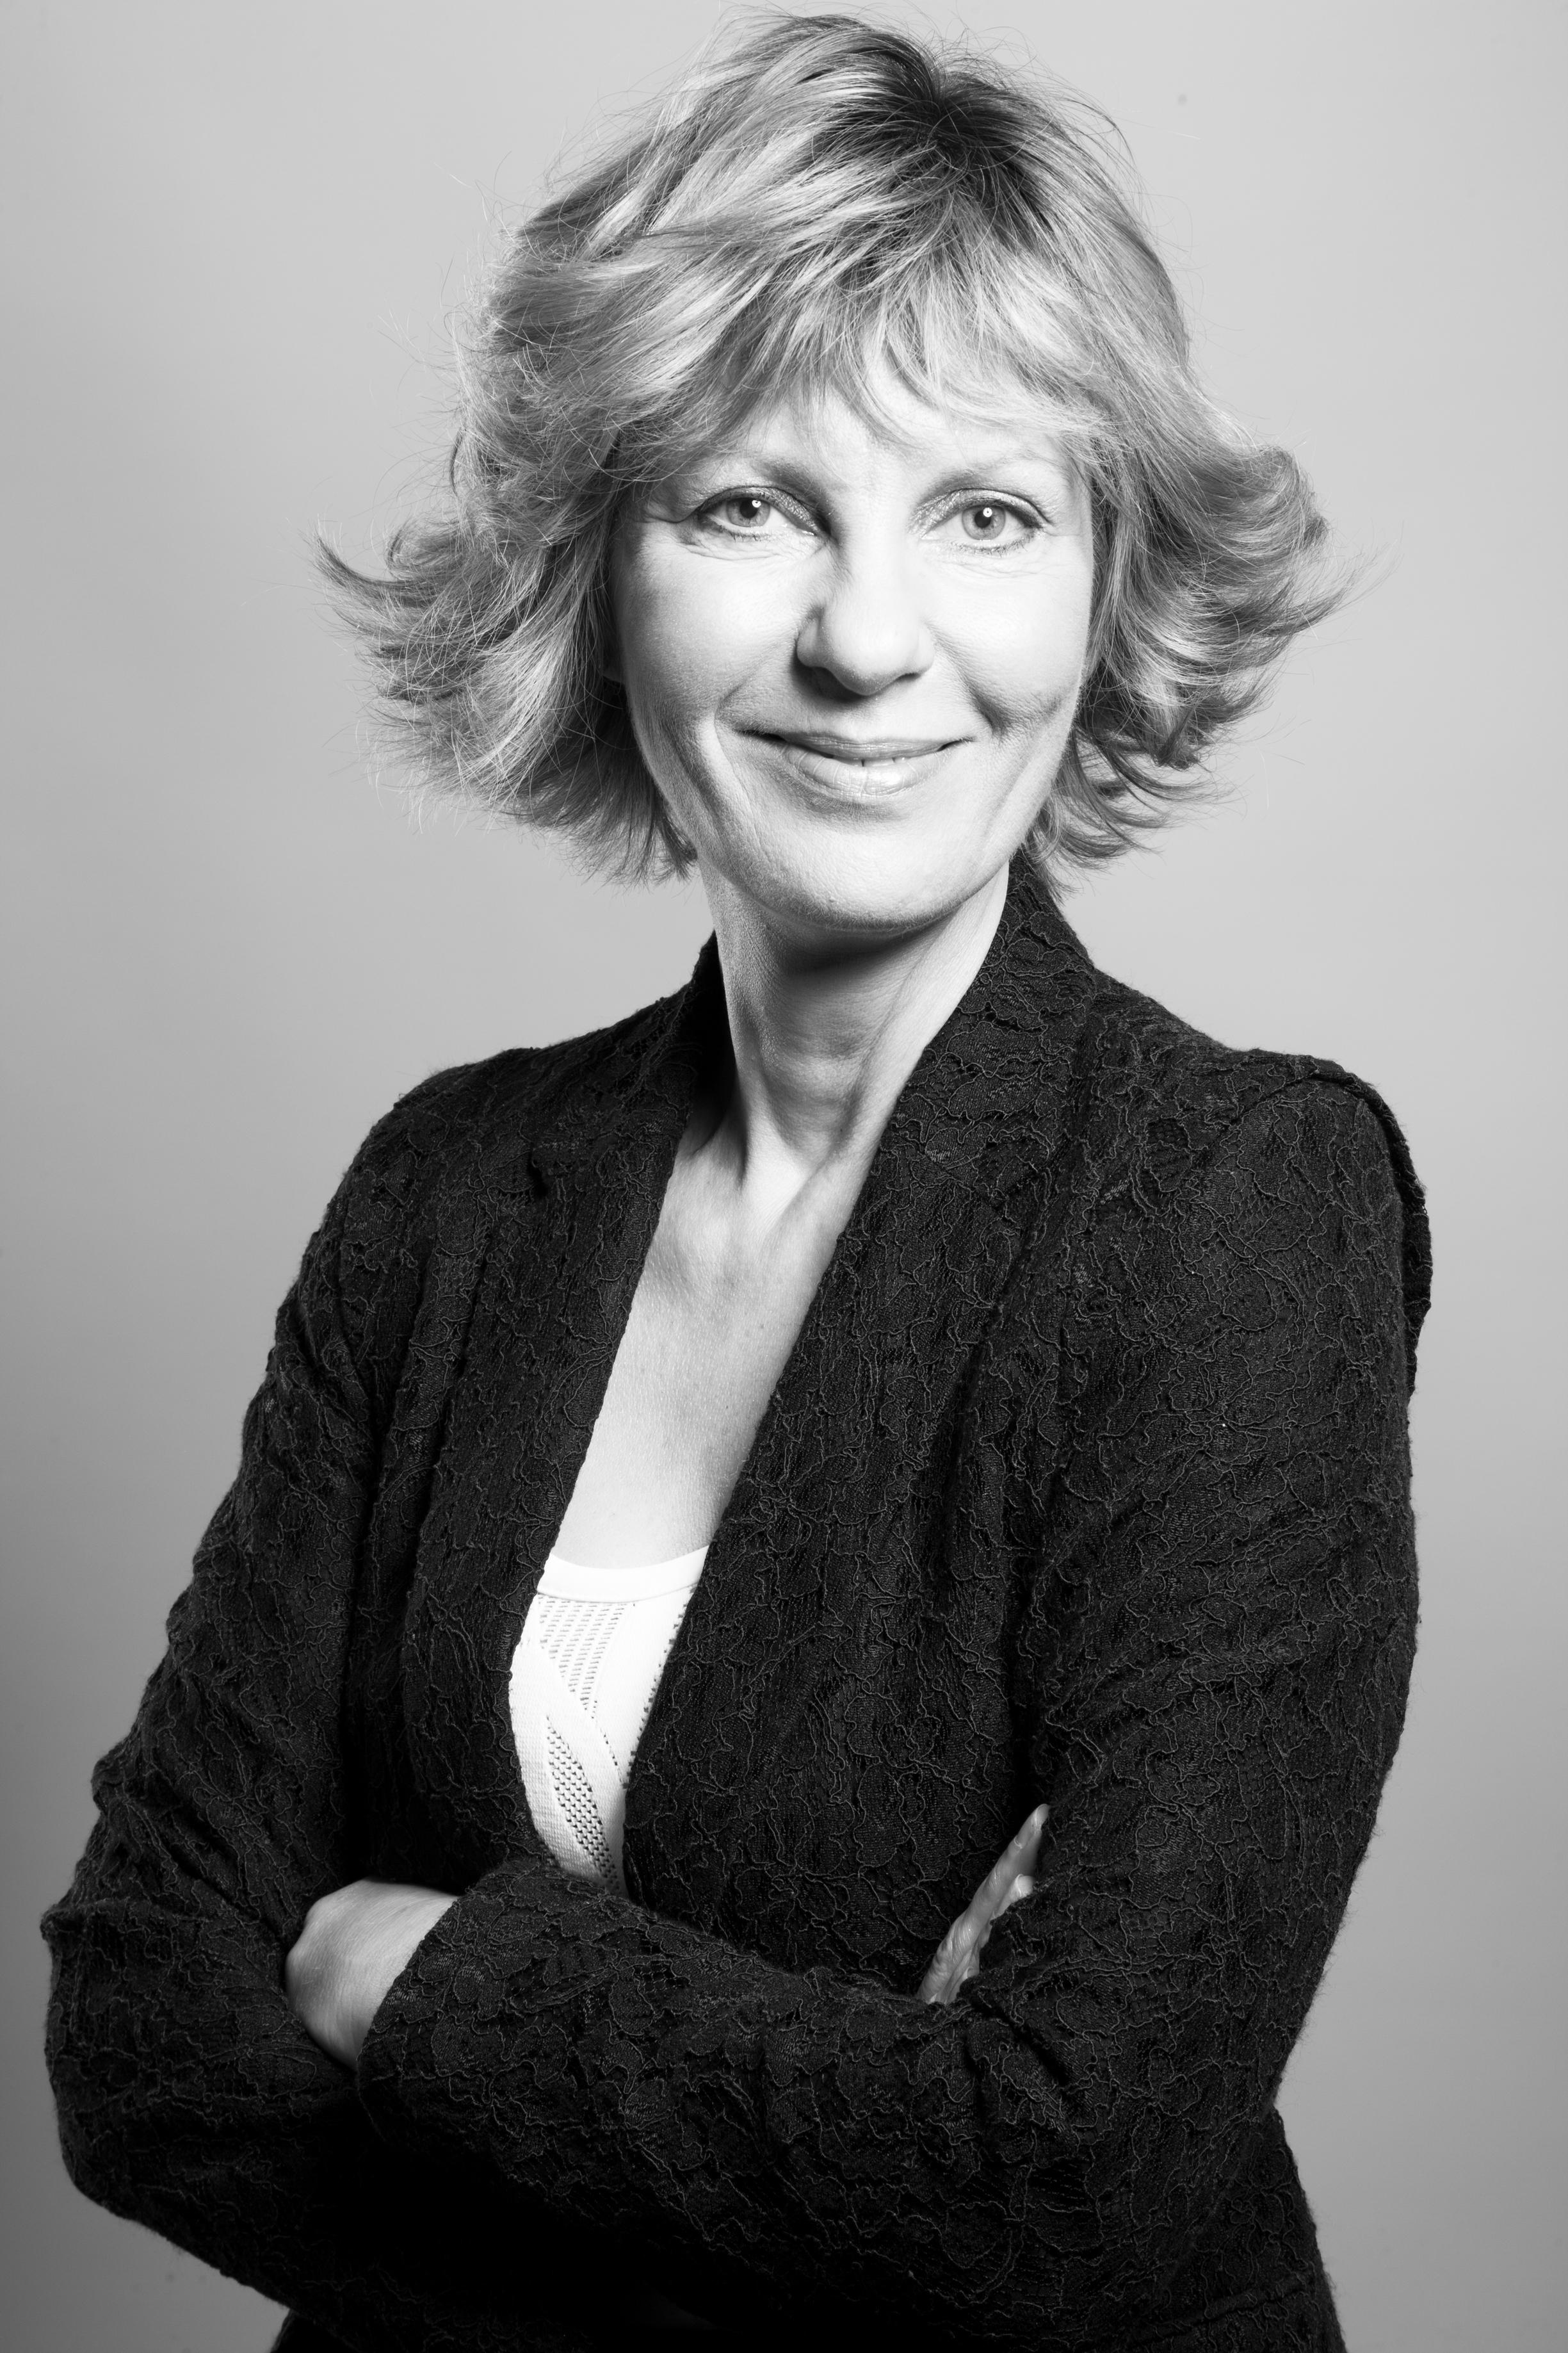 Helen Emmanuel